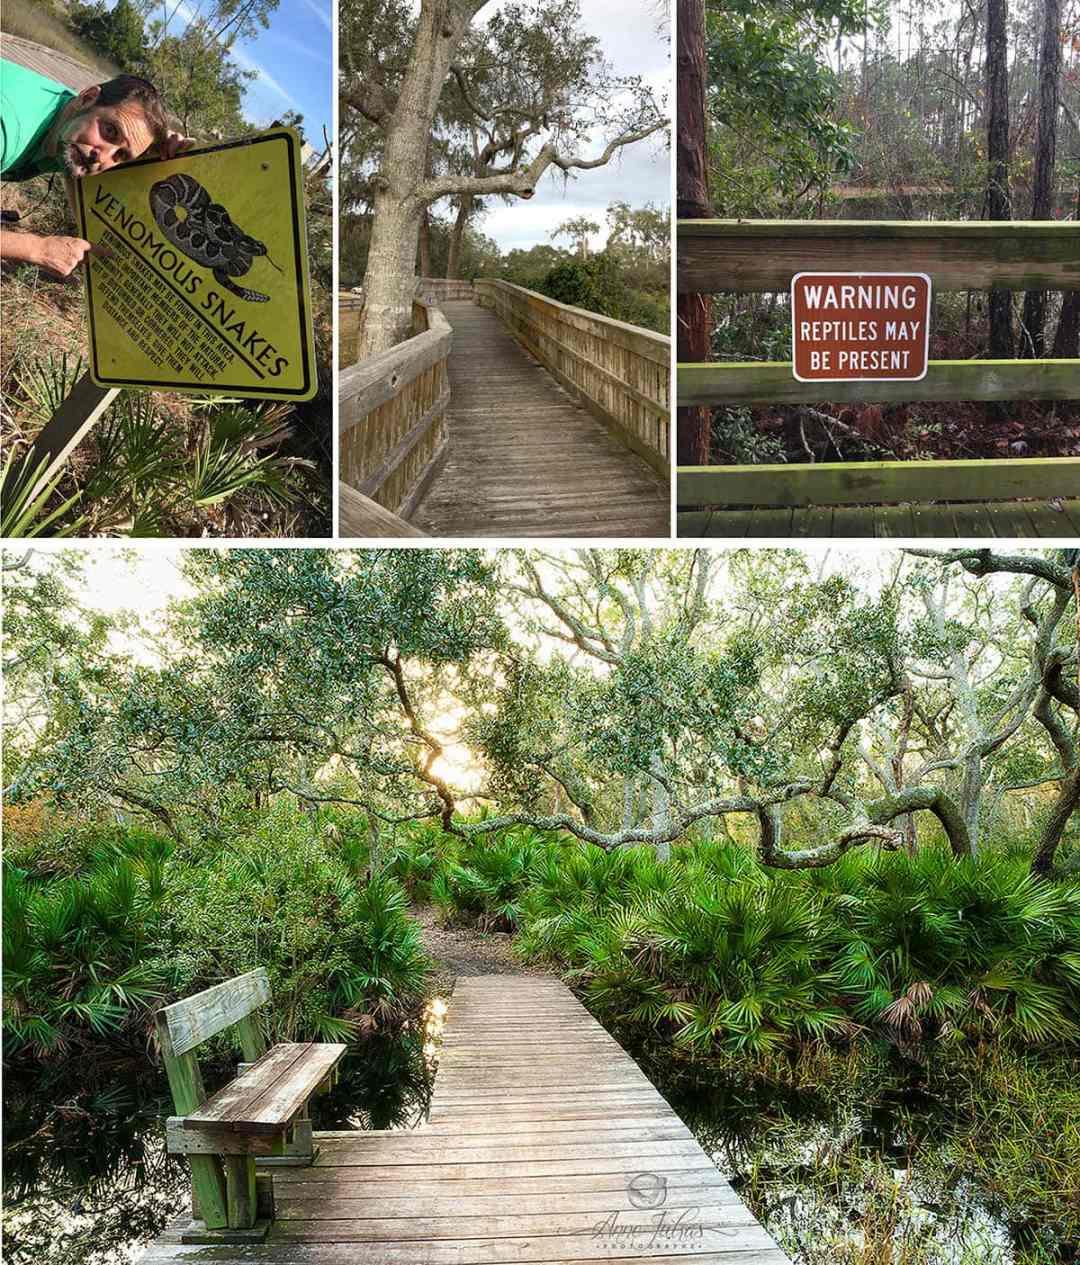 State Park, Floride | Parcs d'État de la Floride